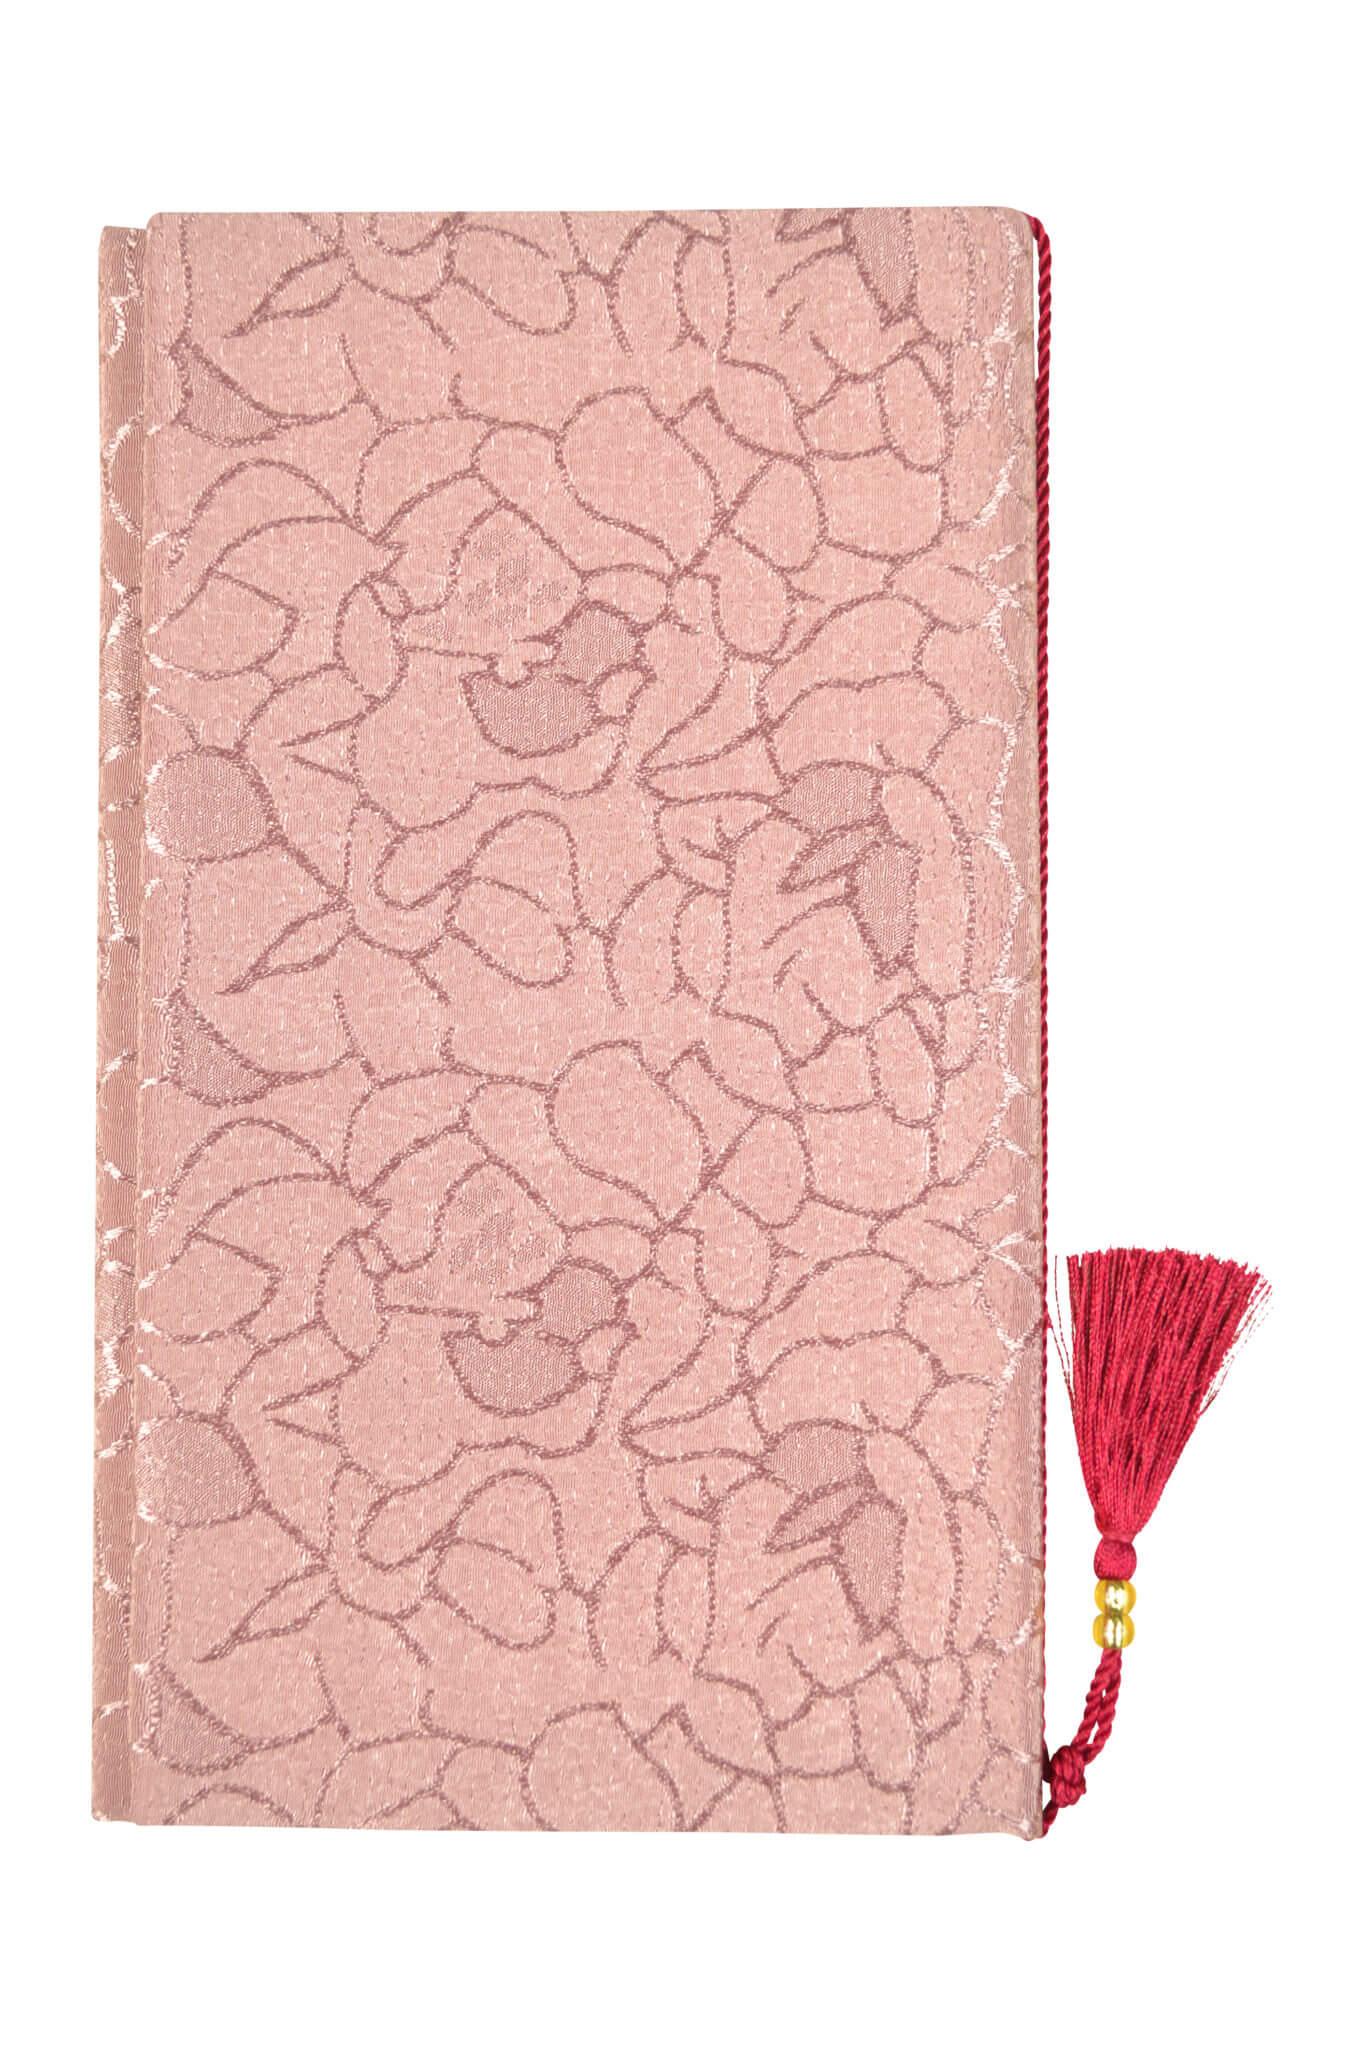 ビヲミナ (VIWOMINA)タッセル付き花模様袱紗